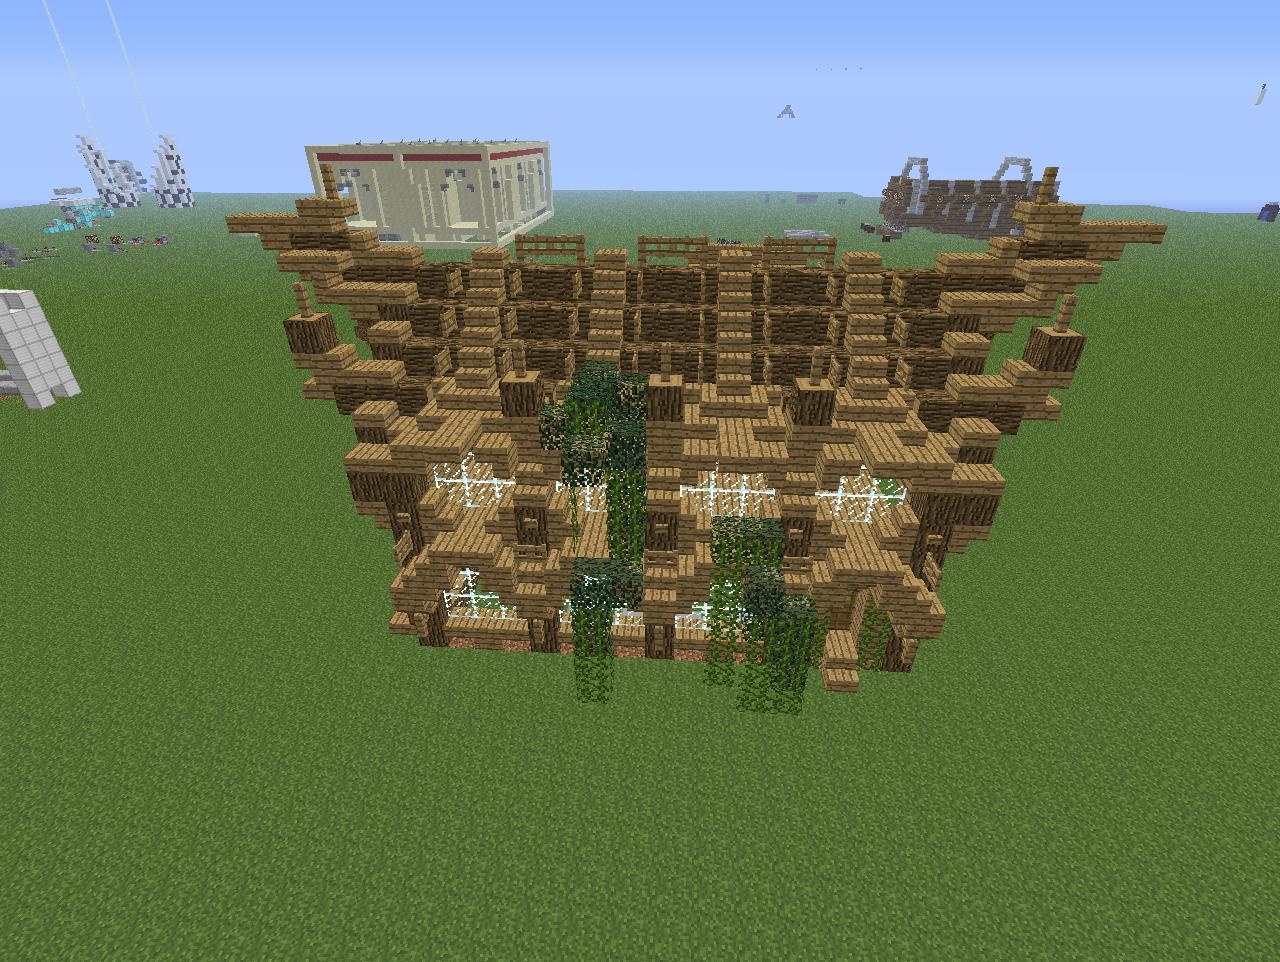 Maison En Bois Minecraft – Mzaolcom ~ Maison En Bois Minecraft